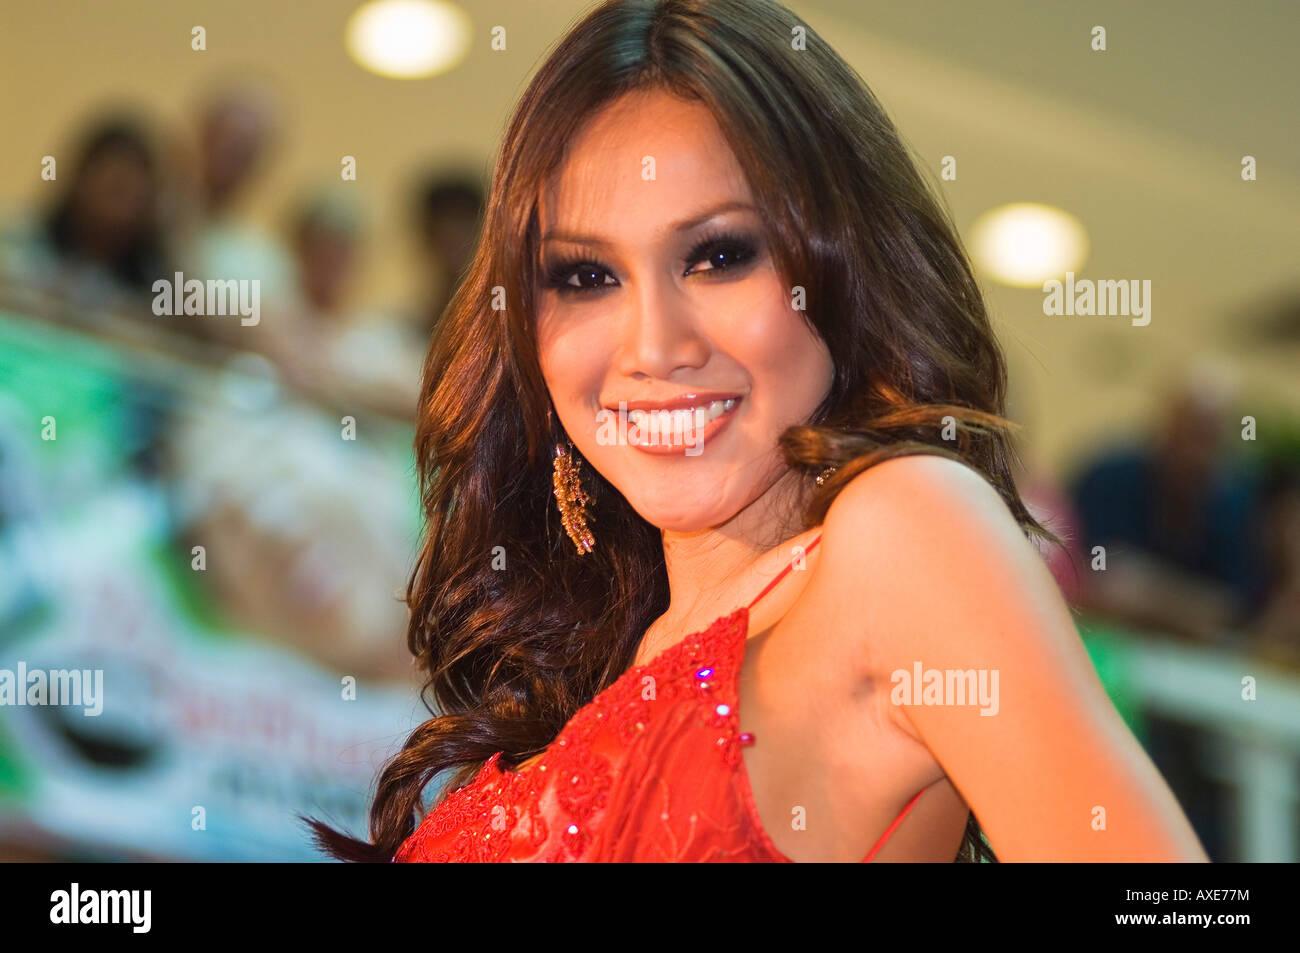 Asie Thaïlande Pattaya Ripley s Femme 2007 Concours de beauté pour les transsexuels Photo Stock